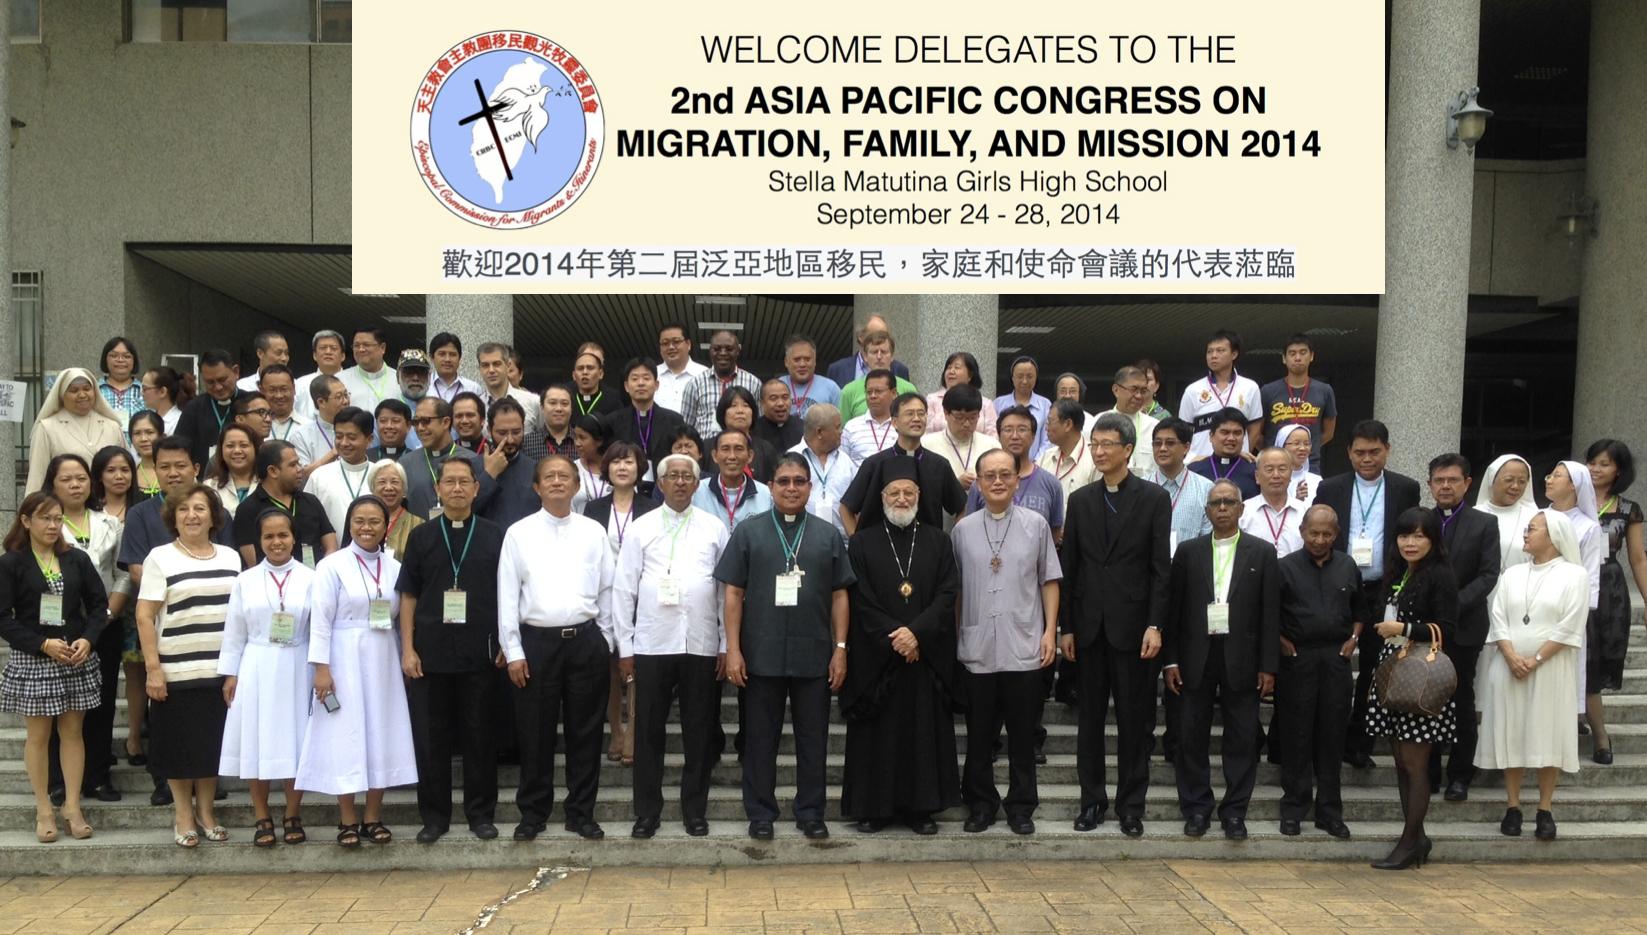 泛亞地區移民、家庭和使命會議在台閉幕 thumbnail